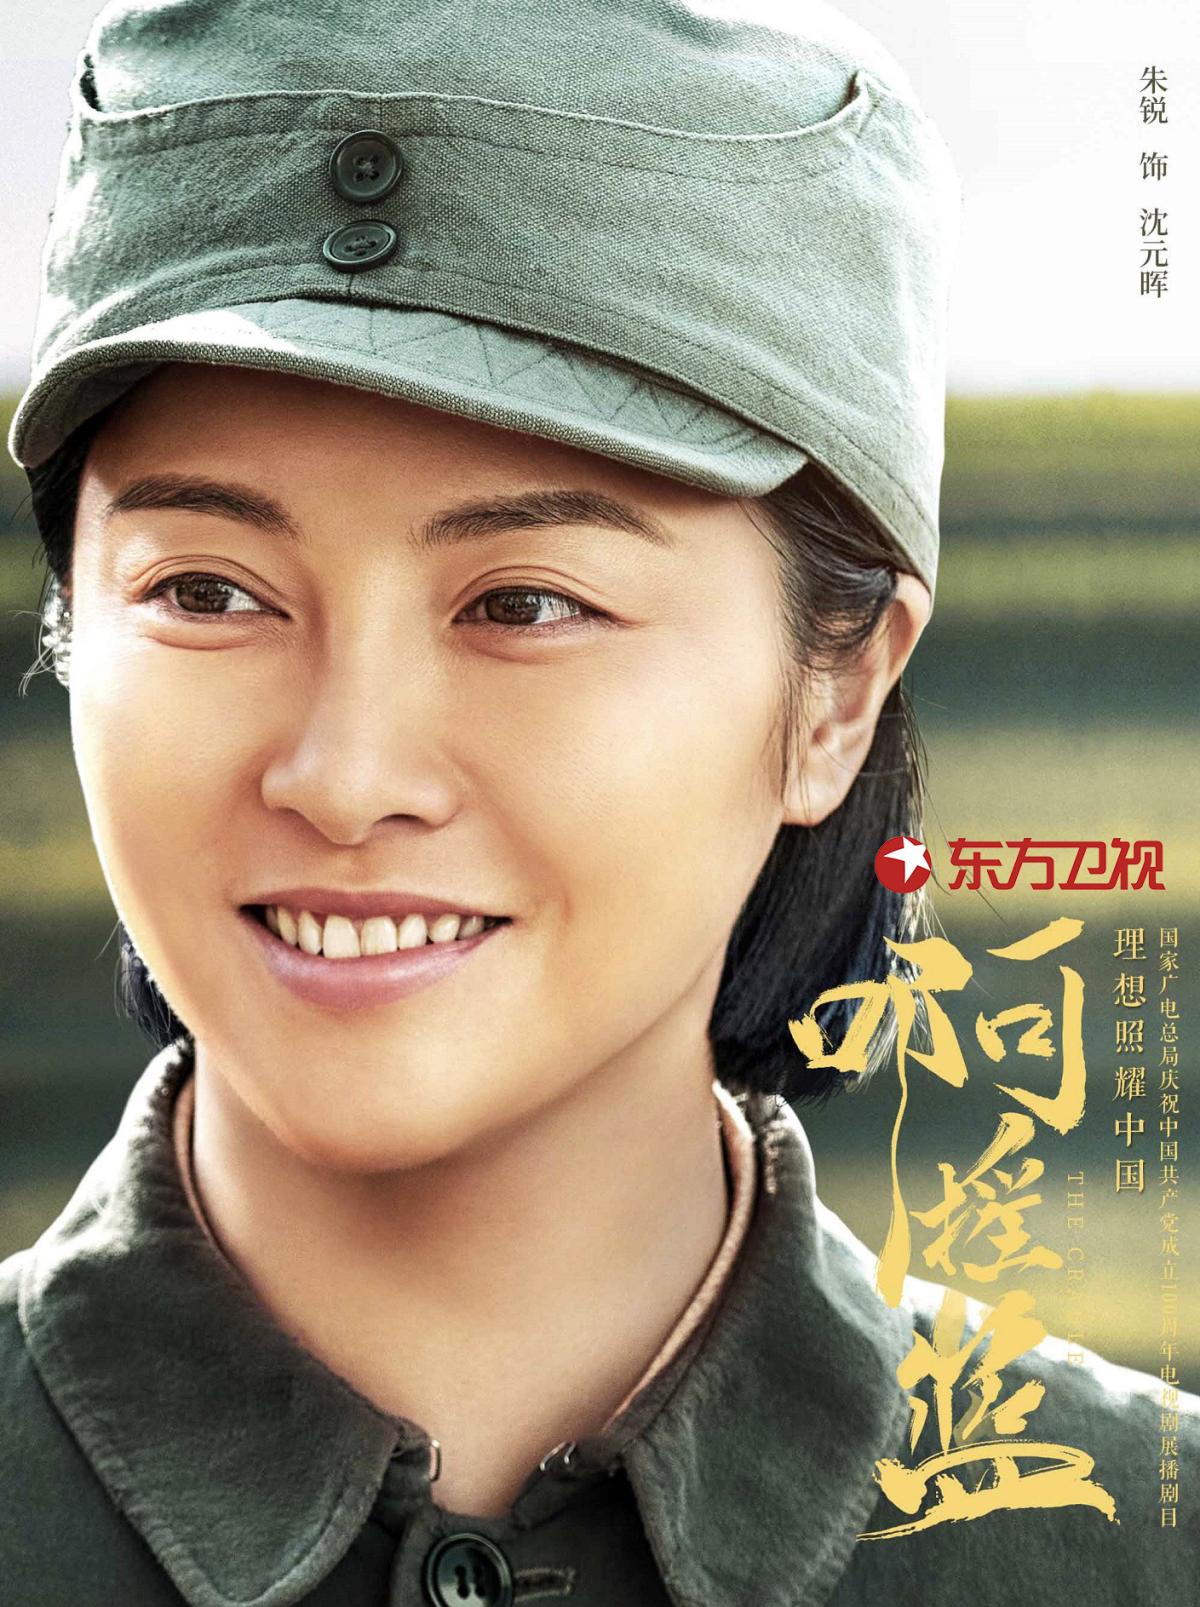 海清李泽锋领衔主演,《啊摇篮》东方卫视5月4日开播